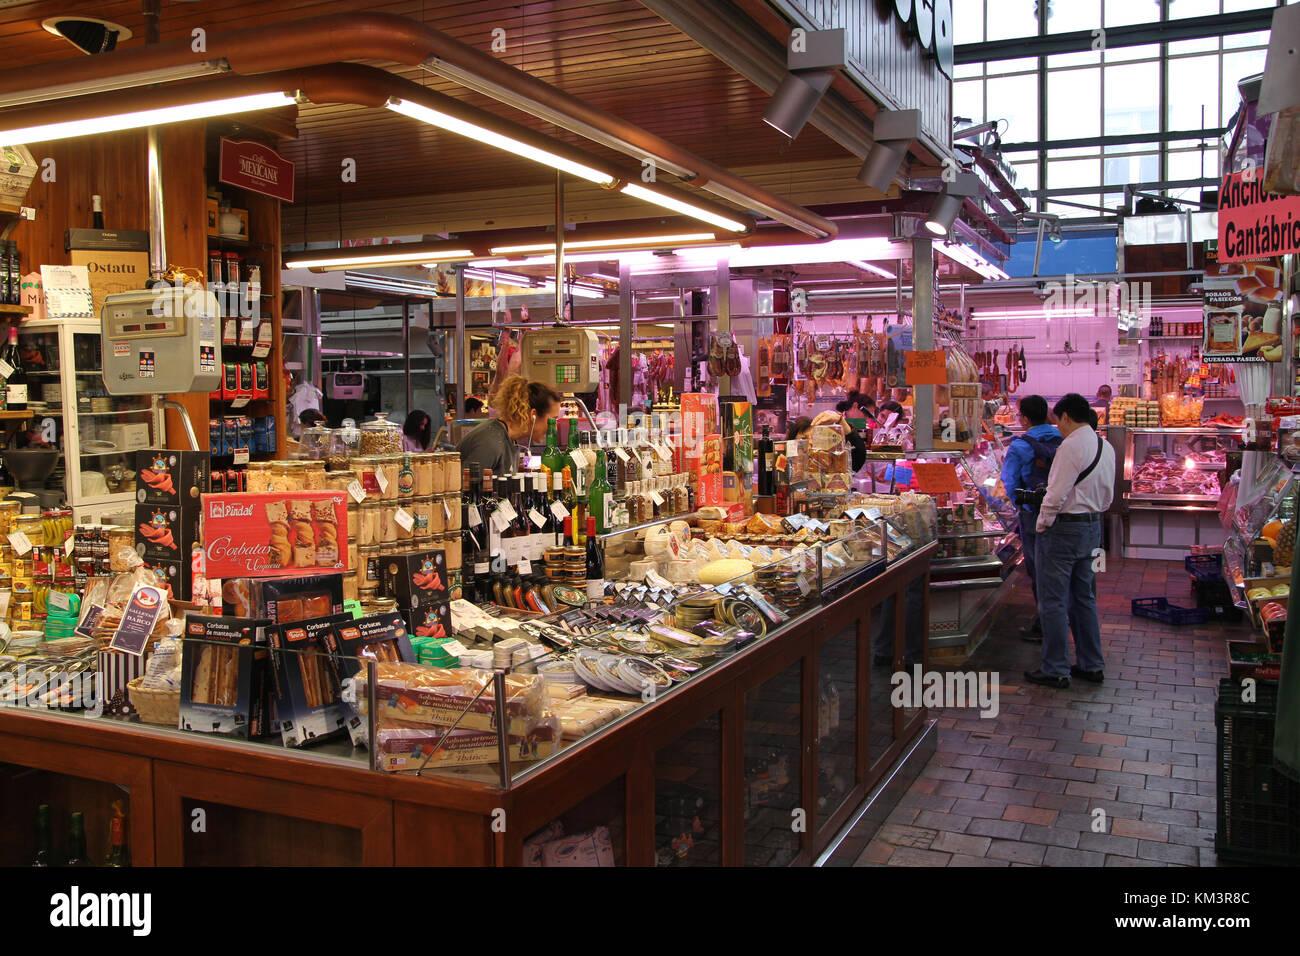 Bordeaux market - Stock Image